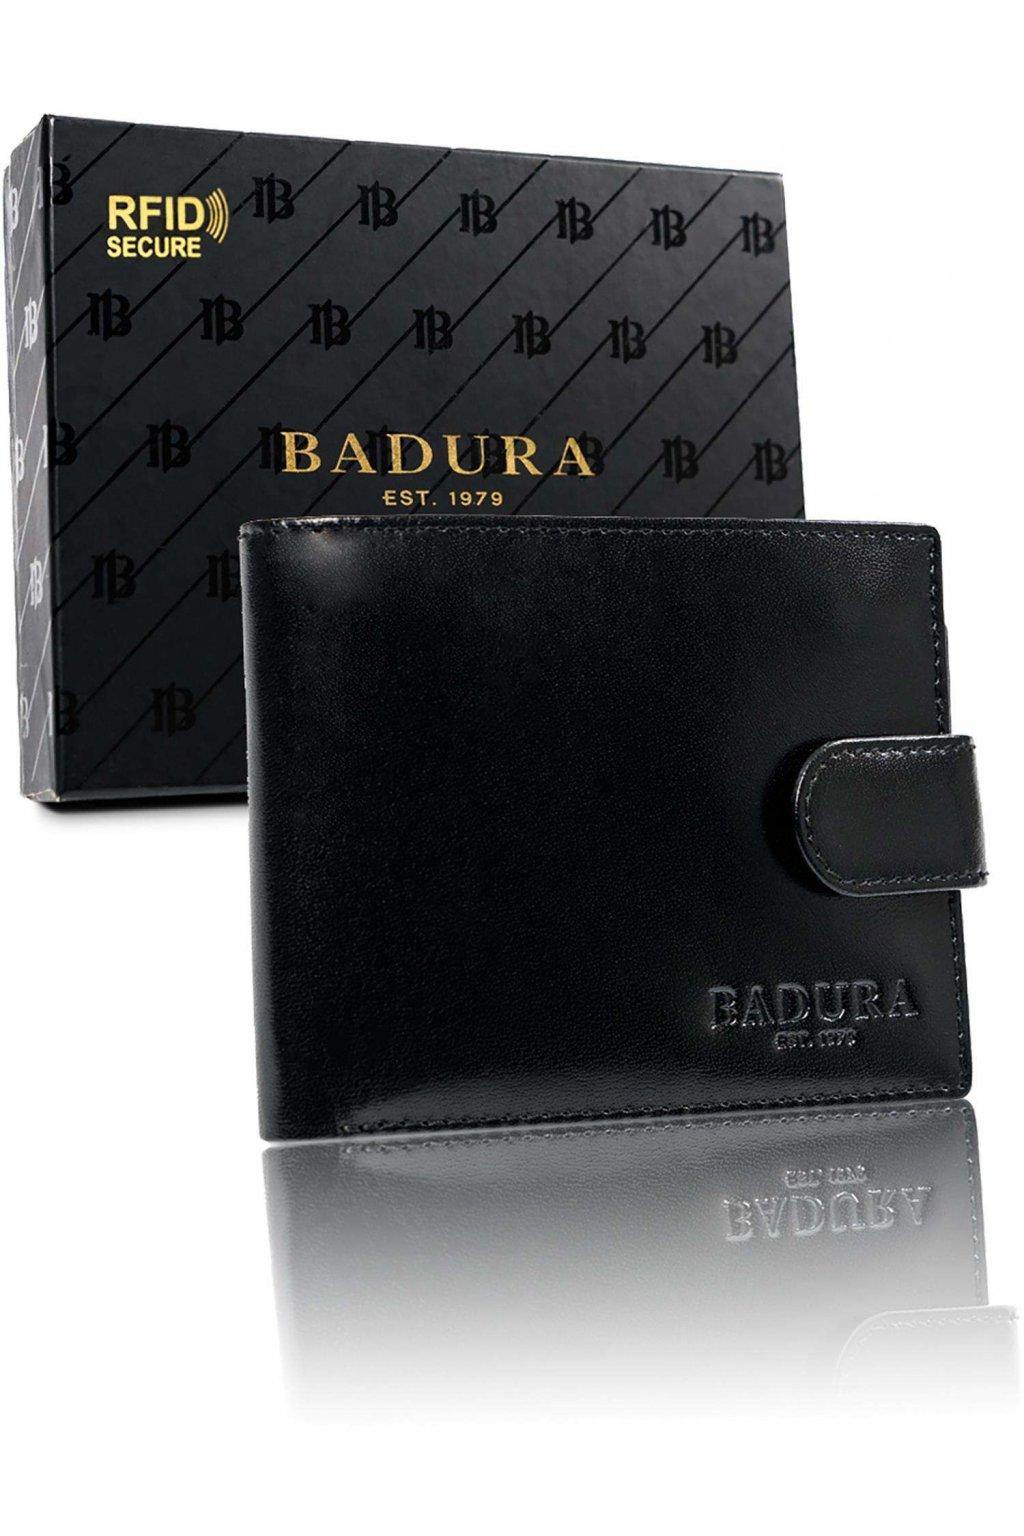 Pánska peňaženka kód B-CPR-022-BSVT